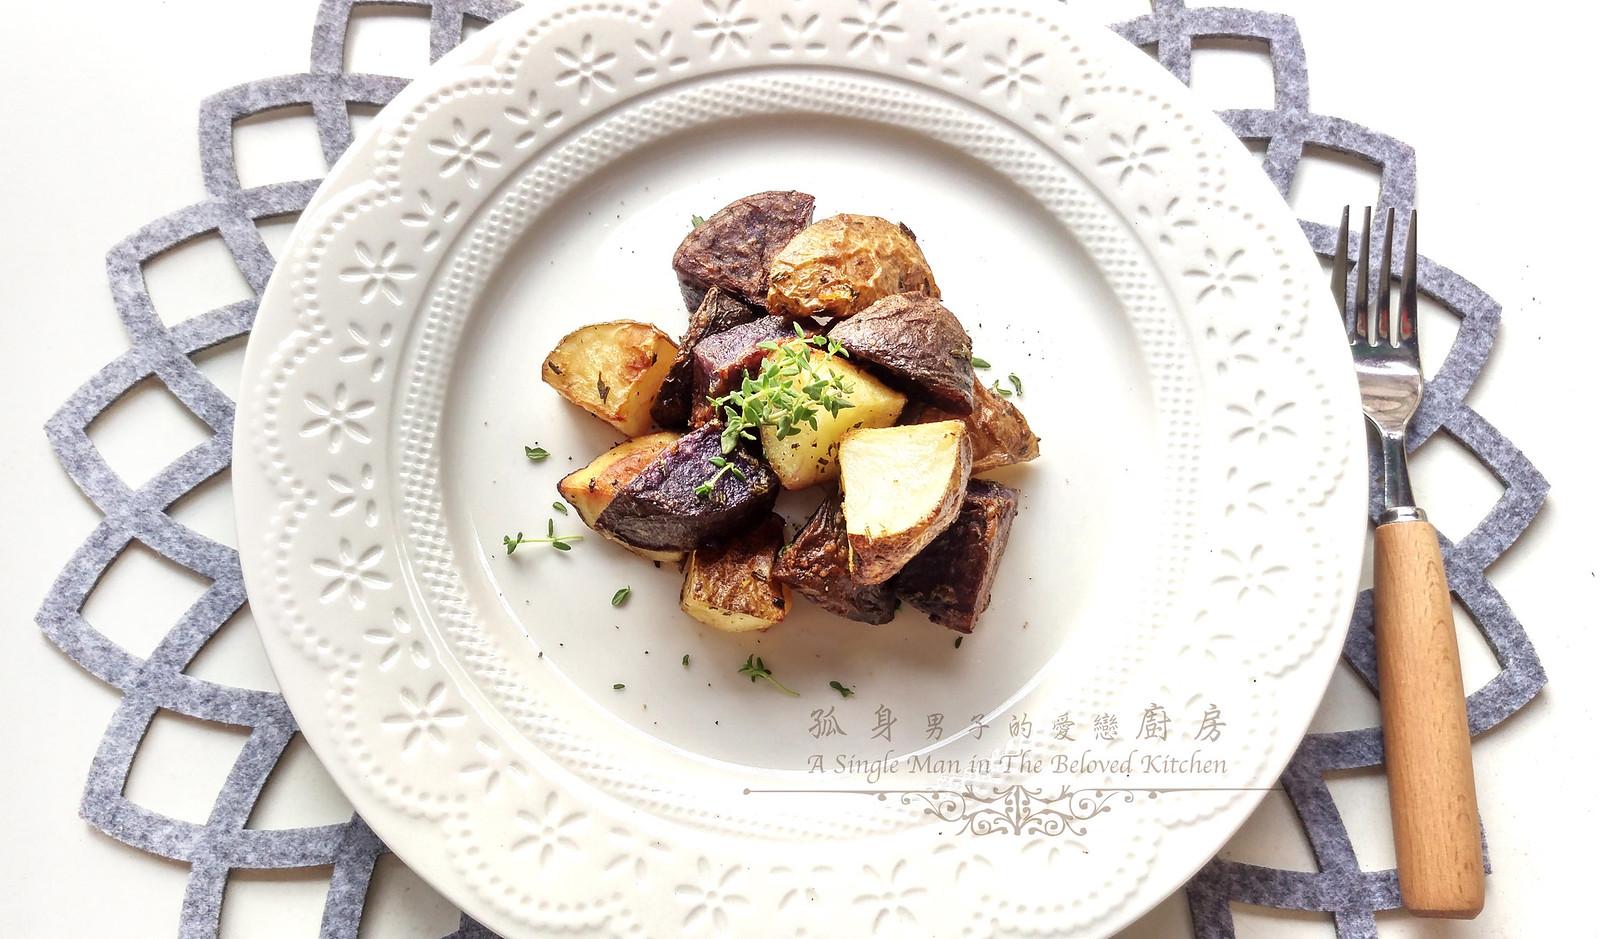 孤身廚房-香草烤雙色馬鈴薯──好吃又簡單的烤箱料理17